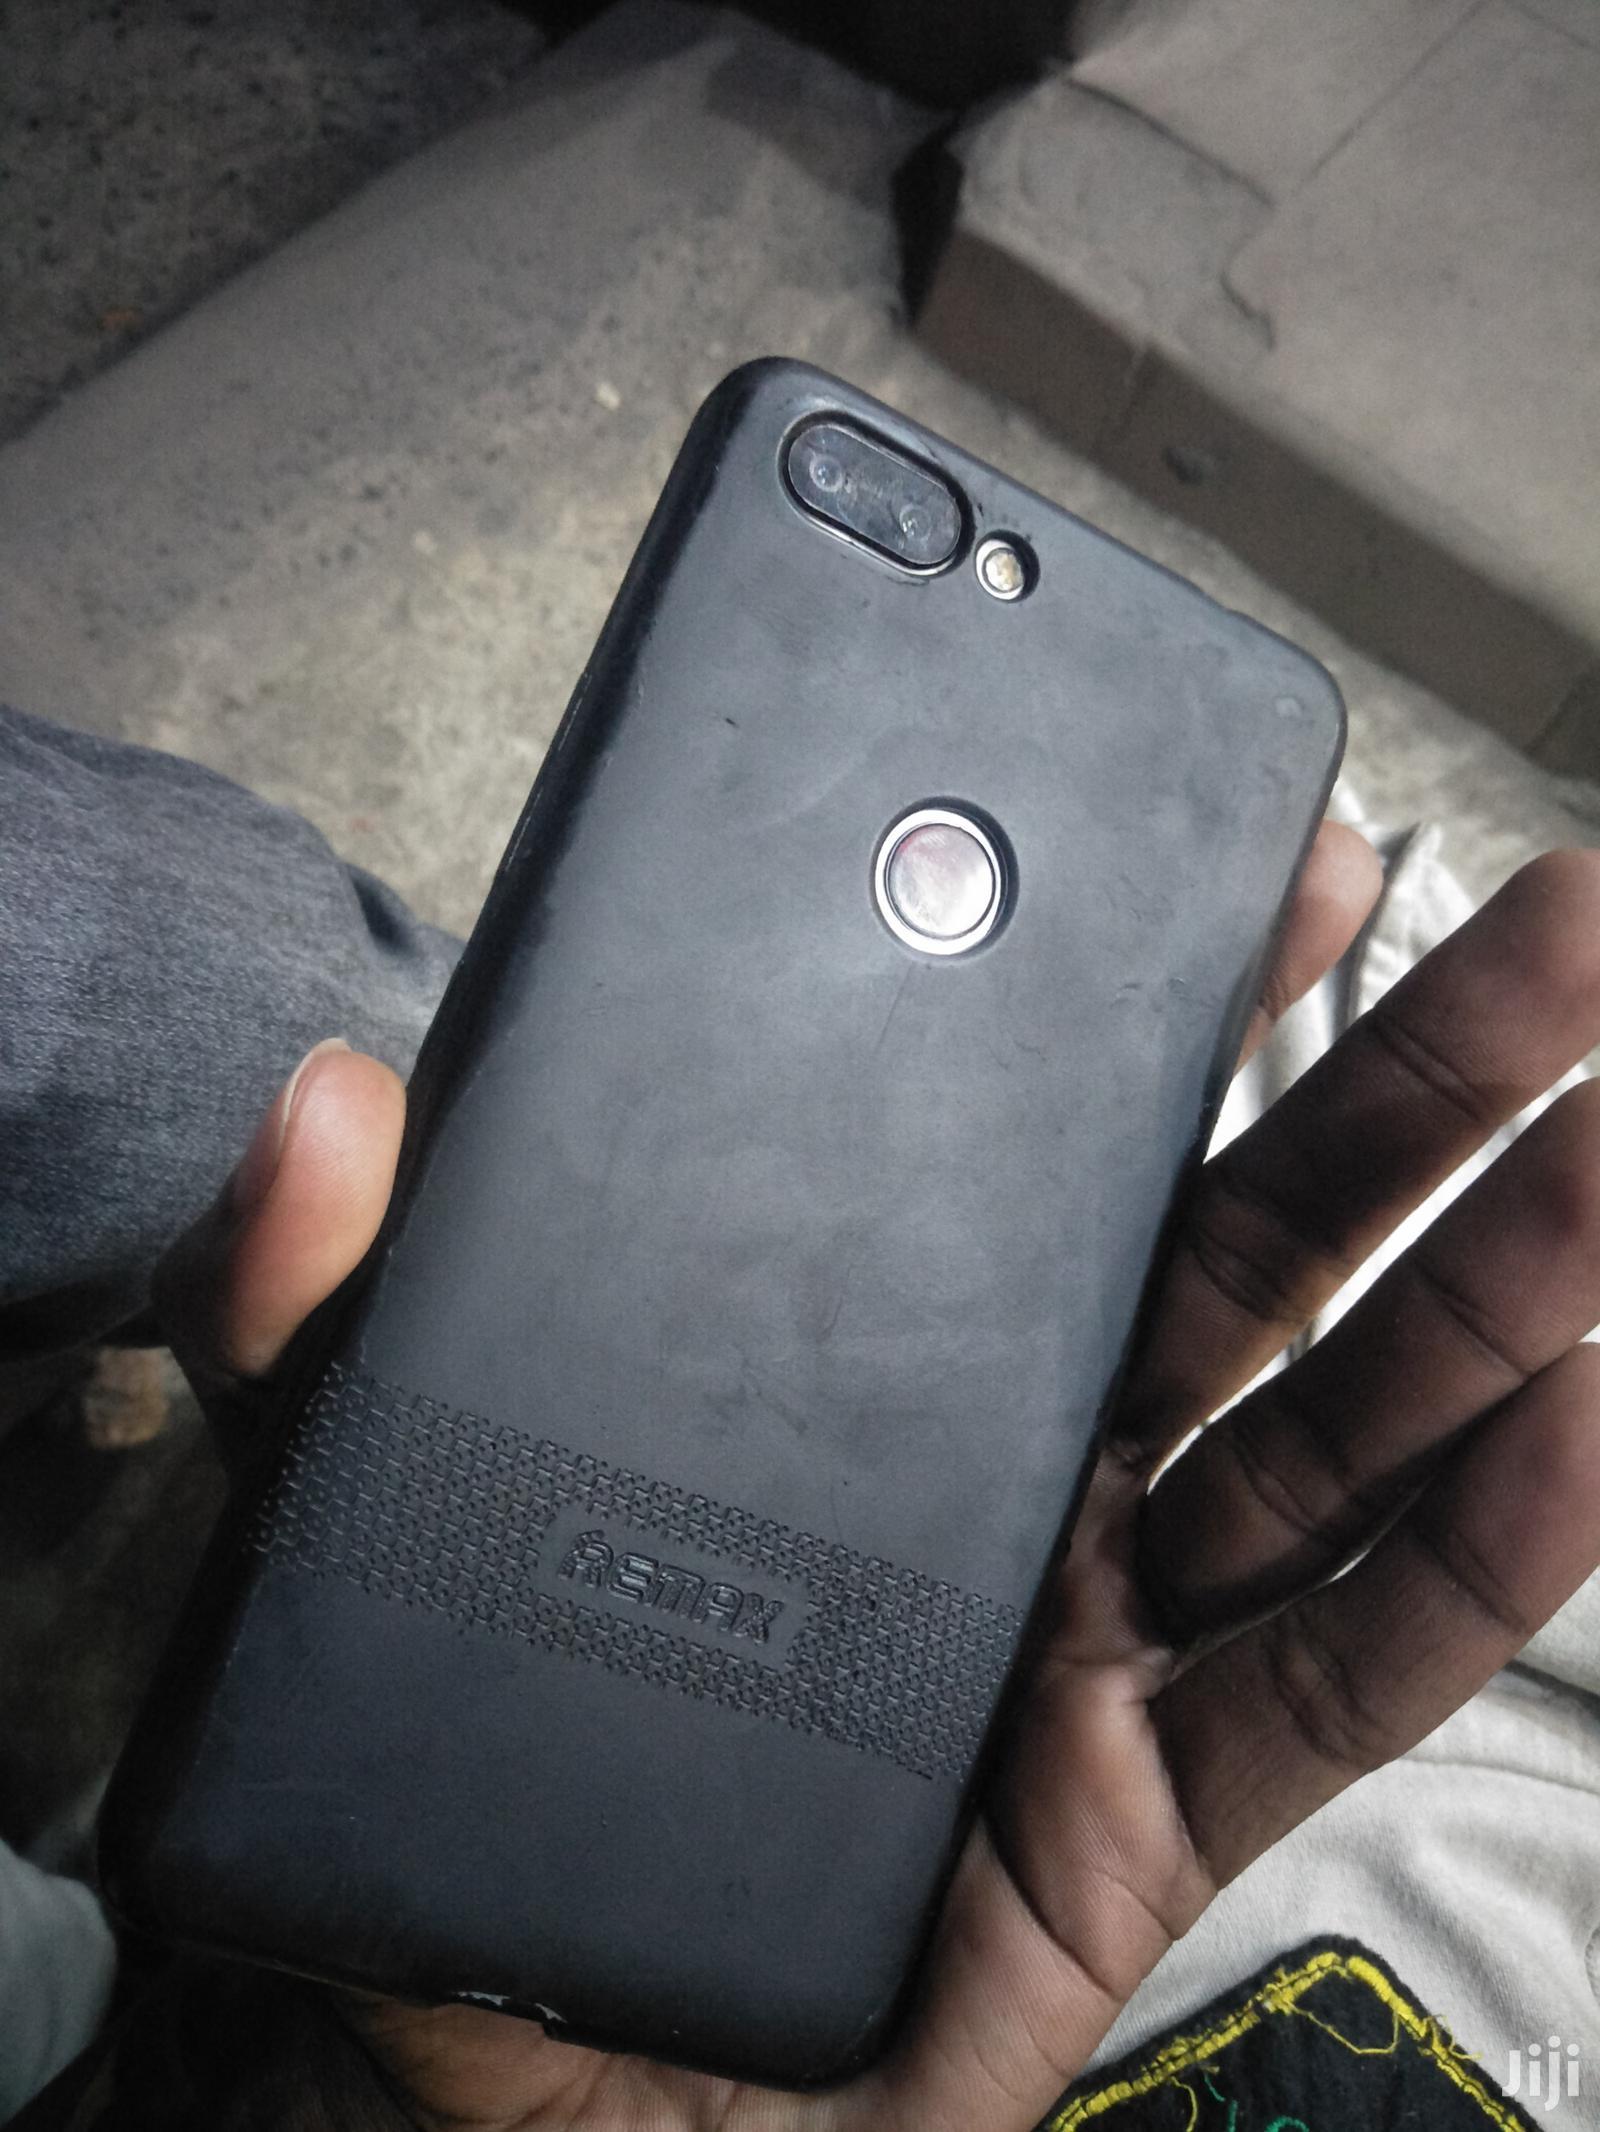 Archive: Samsung Galaxy Grand Prime Plus 8 GB Black